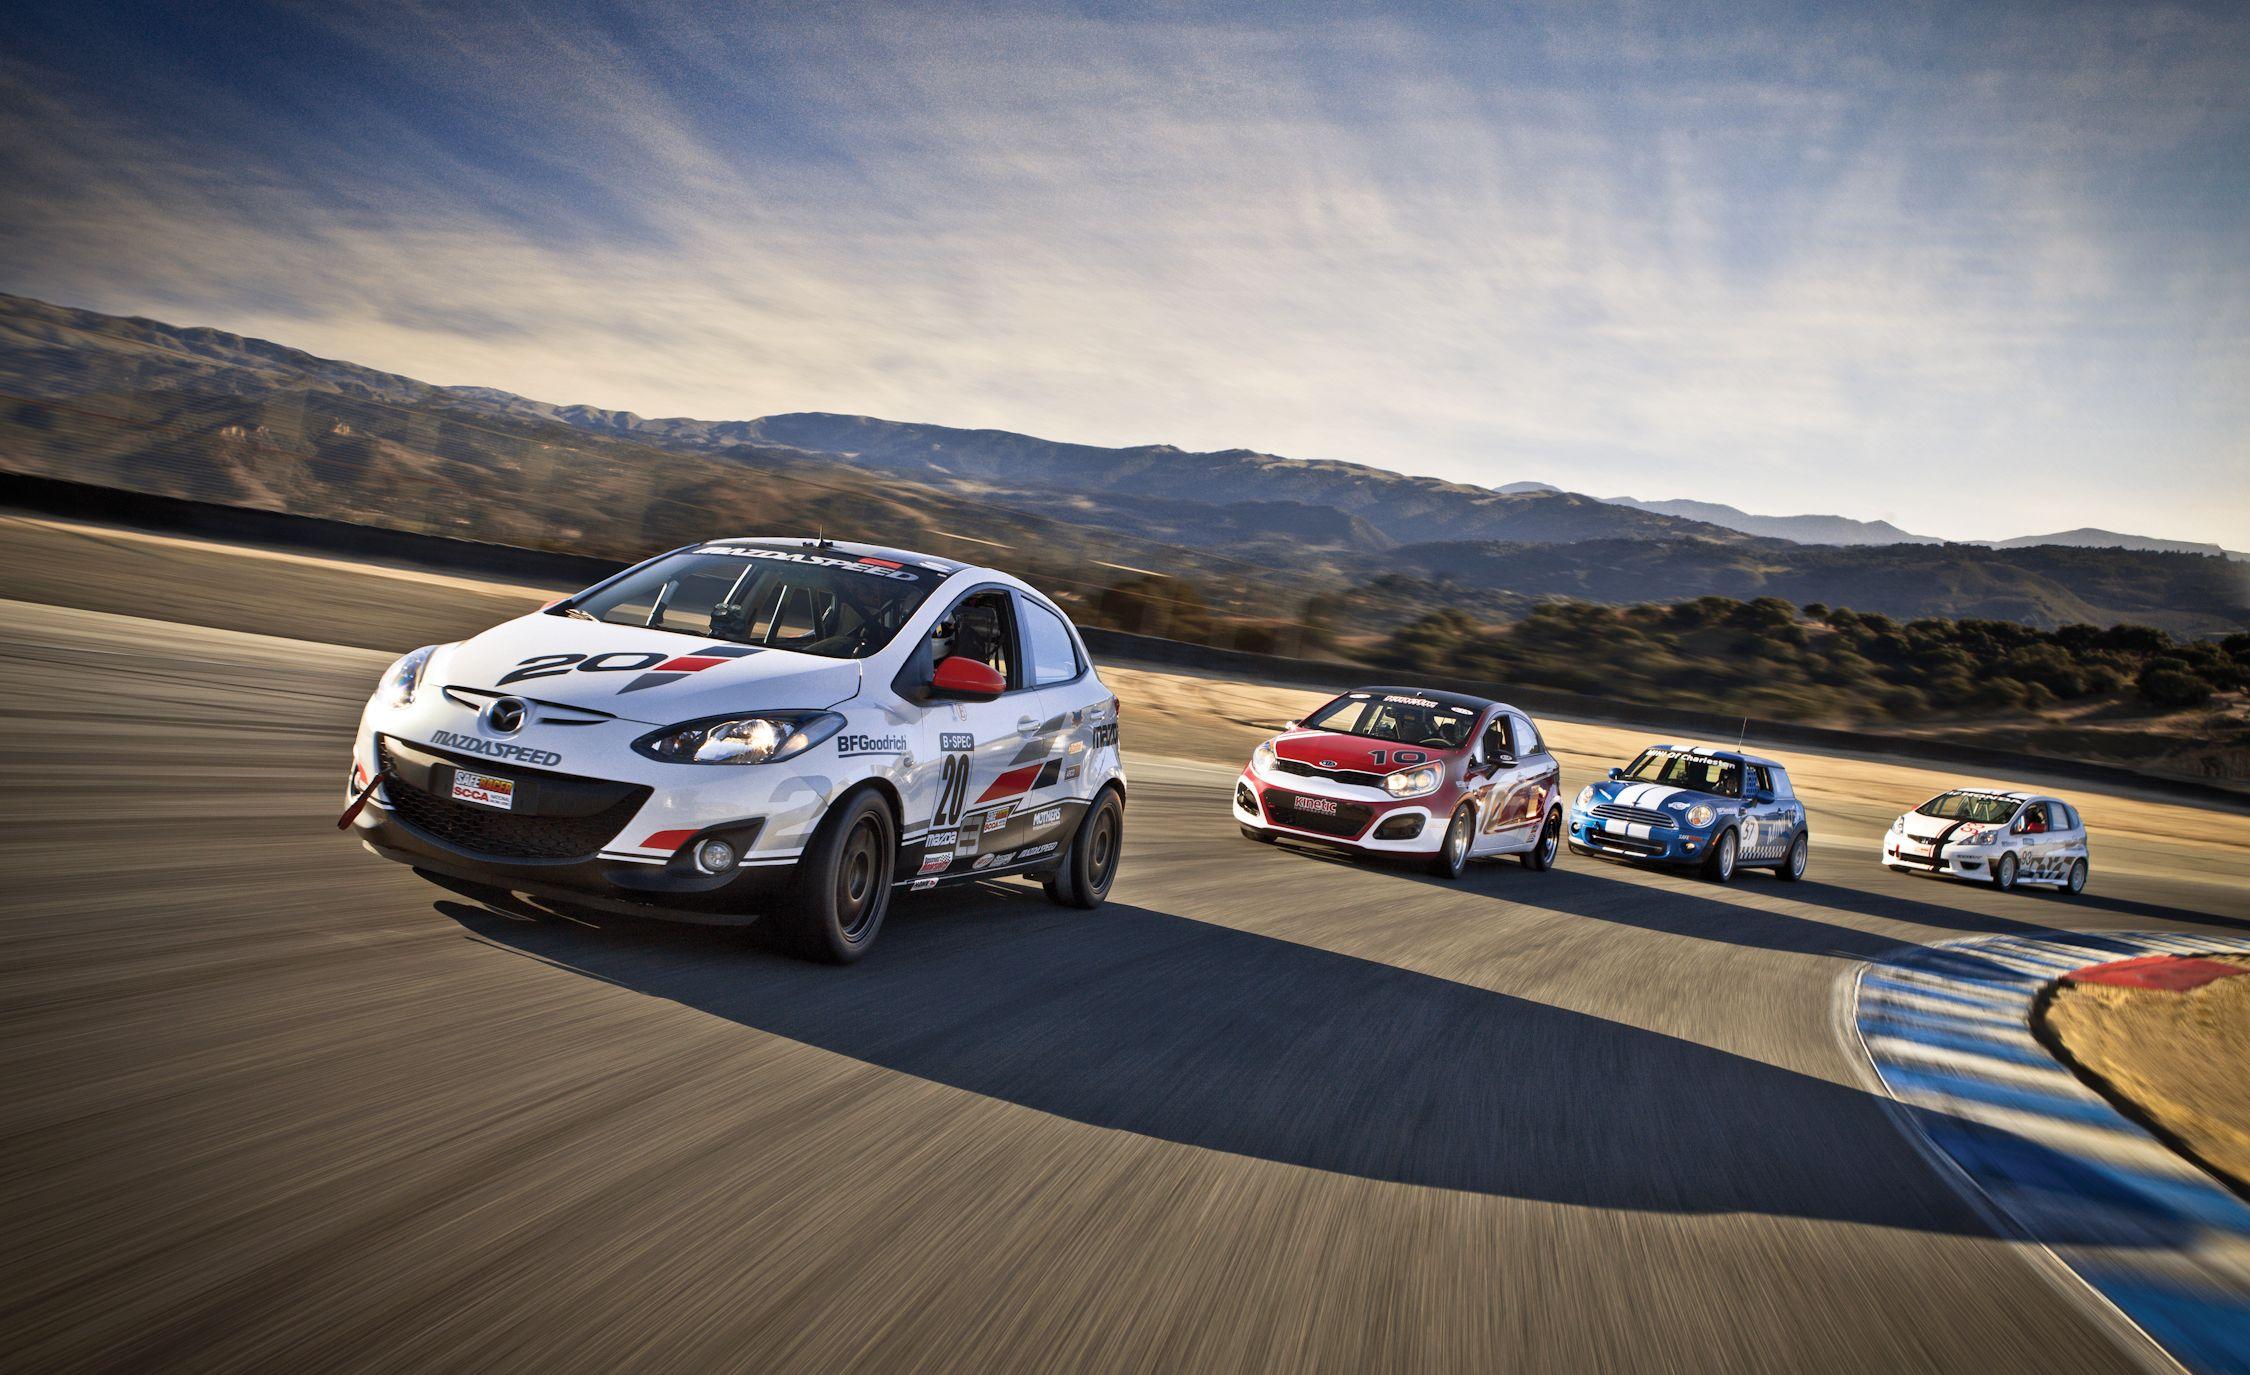 B Spec Racers Honda Fit Vs Kia Rio5 Mazda 2 Mini Cooper